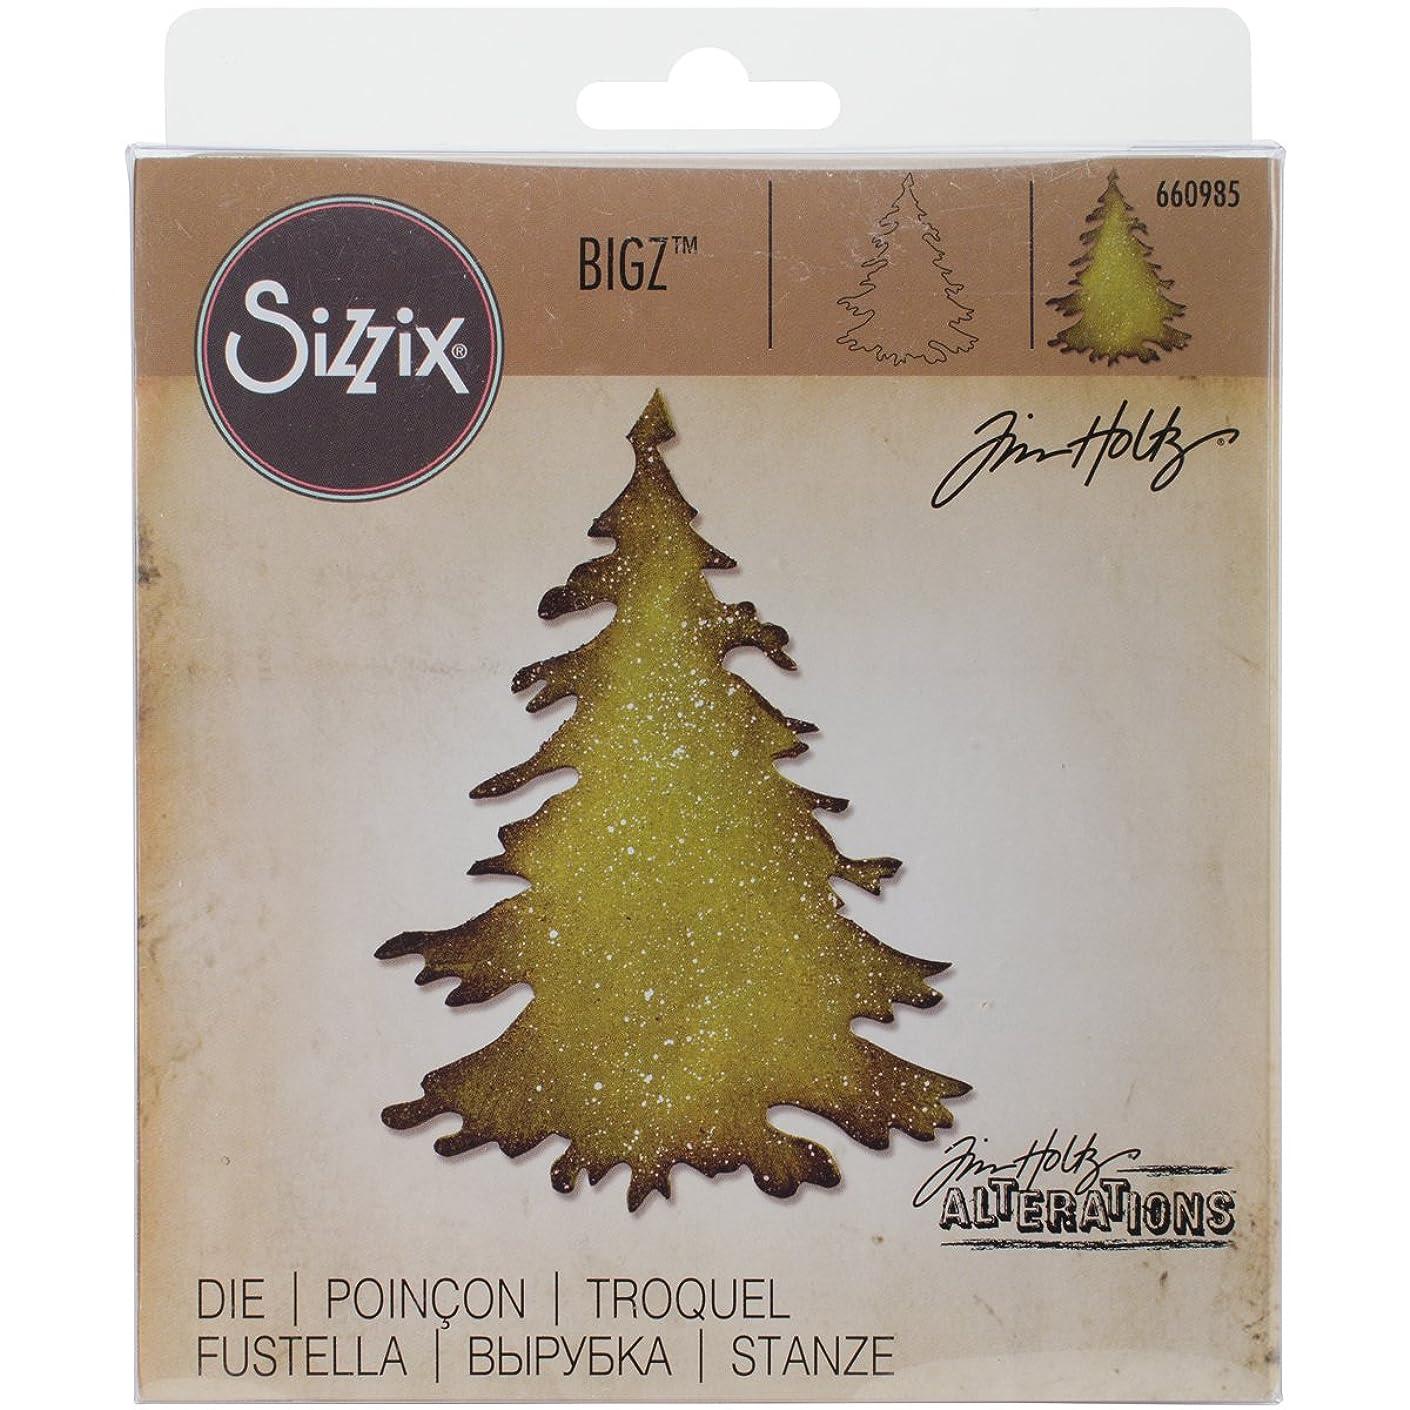 Sizzix 660985 Bigz Die Evergreen by Tim Holtz